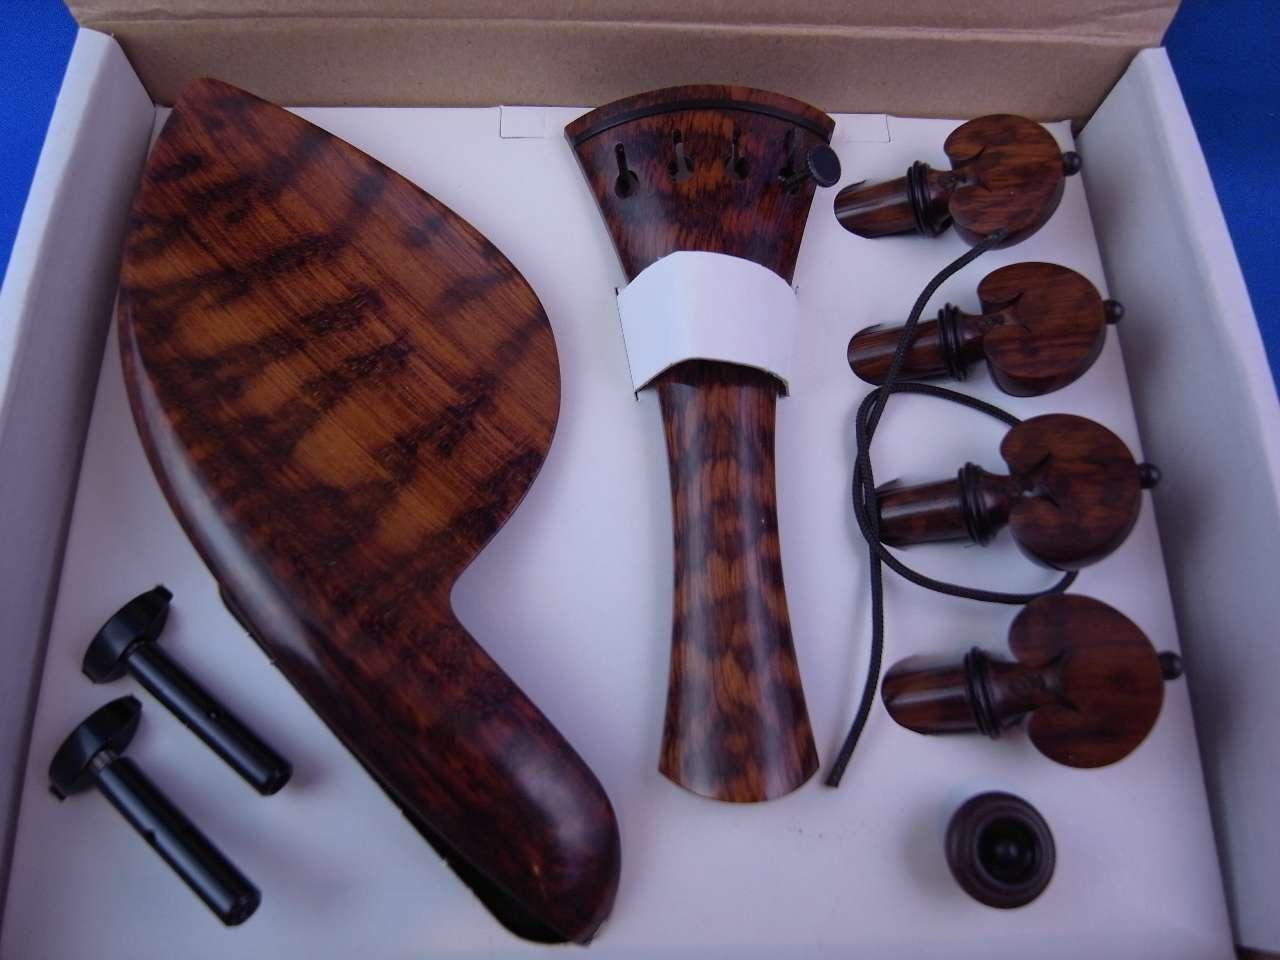 画像1: ボガーロ&クレメンテ バイオリンフィッティング スネークウッド材 フレンチ・モデル ブラックピン Bogaro&Clemente